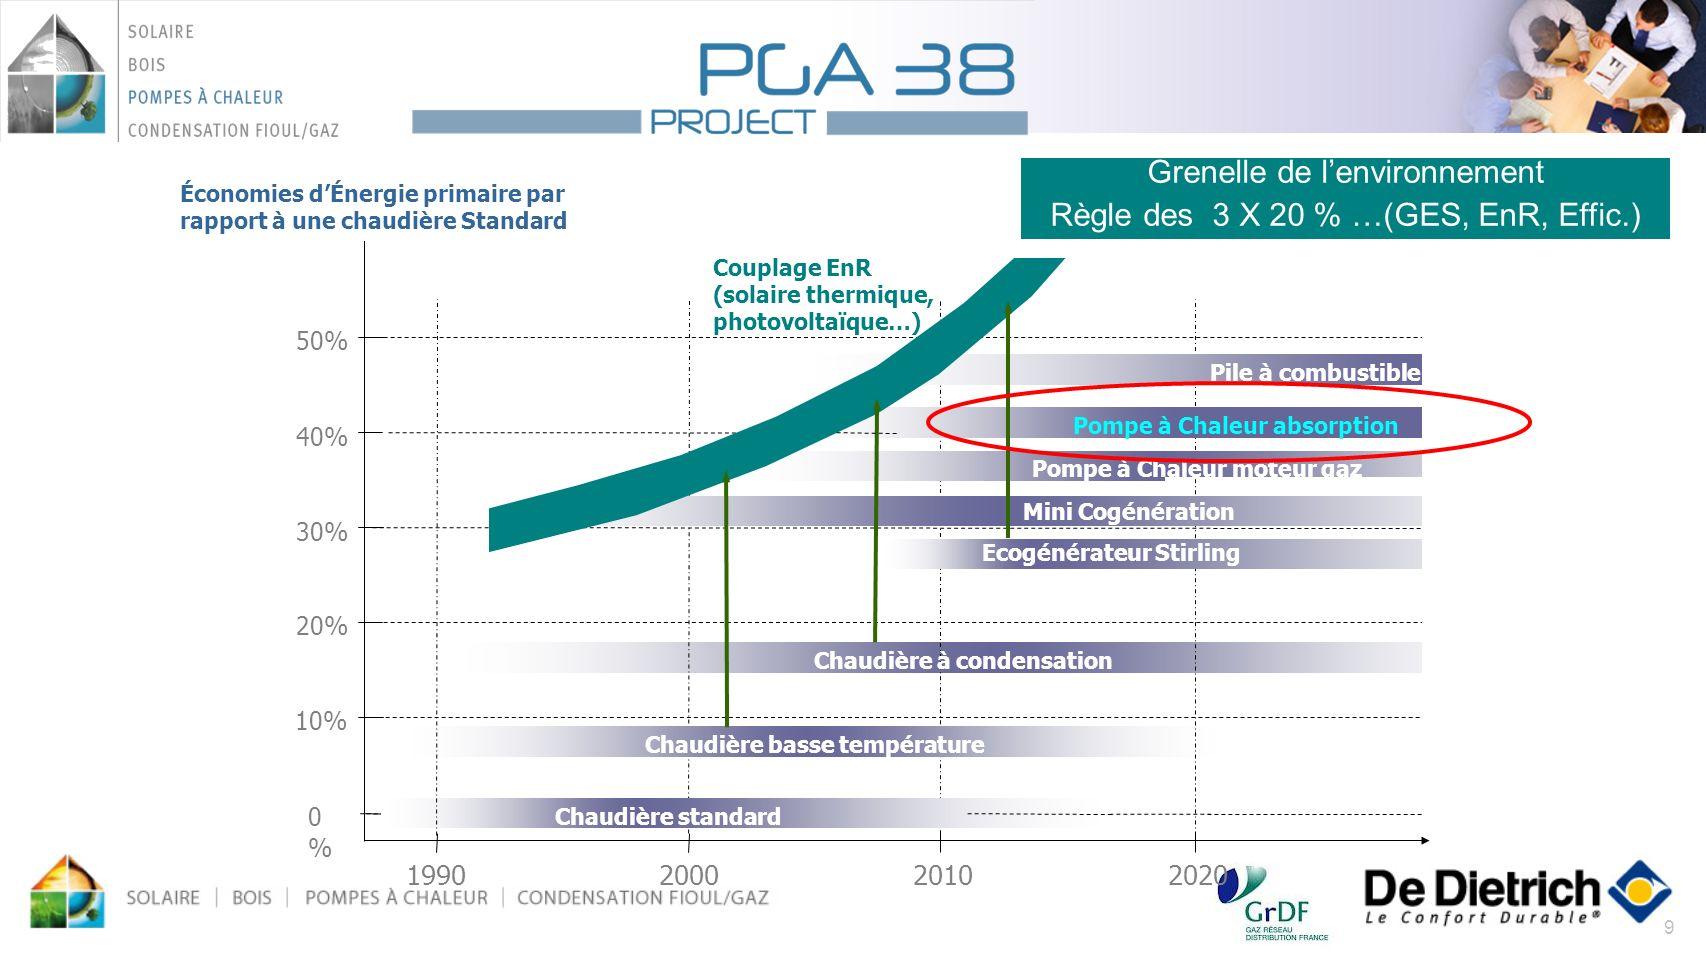 Grenelle de l'environnement Règle des 3 X 20 % …(GES, EnR, Effic.)